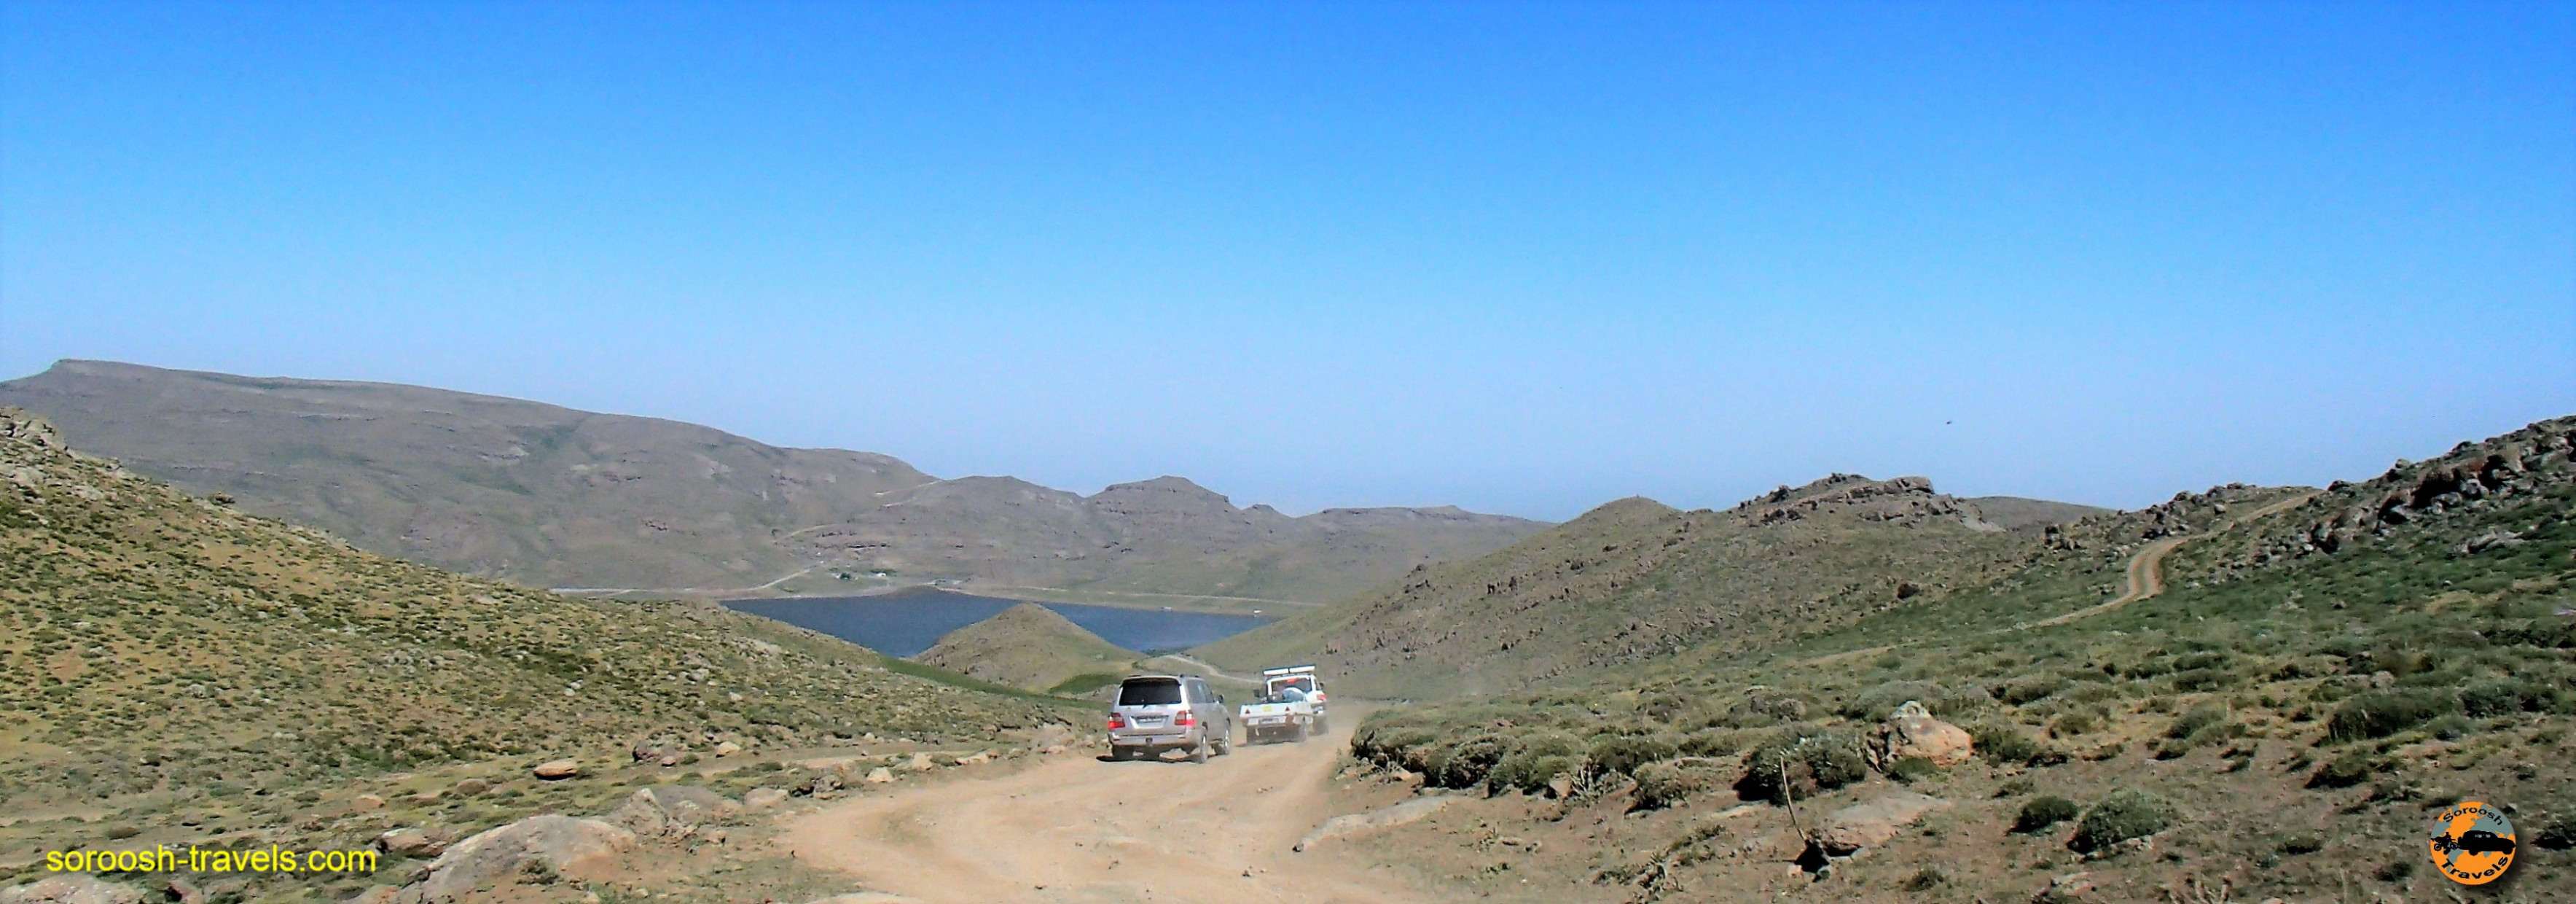 ارتفاعات دریاچه نئور - تابستان ۱۳۹۶